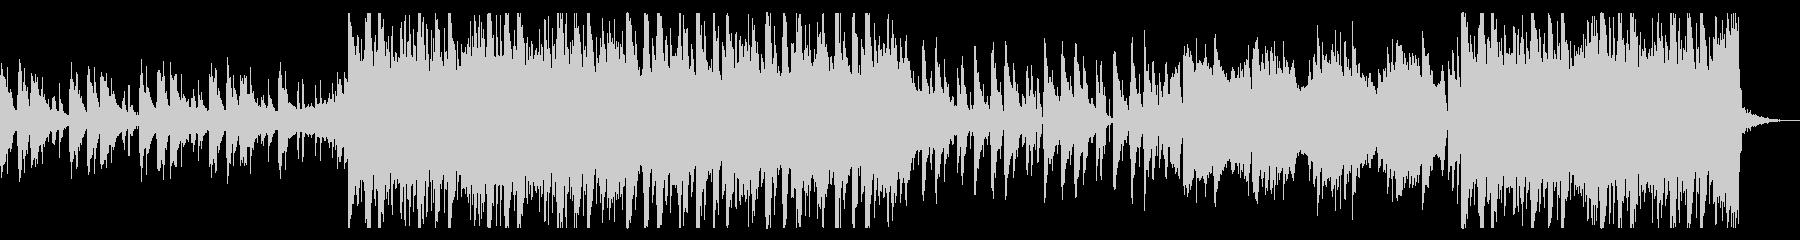 エモ・冷たい・ピアノ・洋楽・ヒップホップの未再生の波形